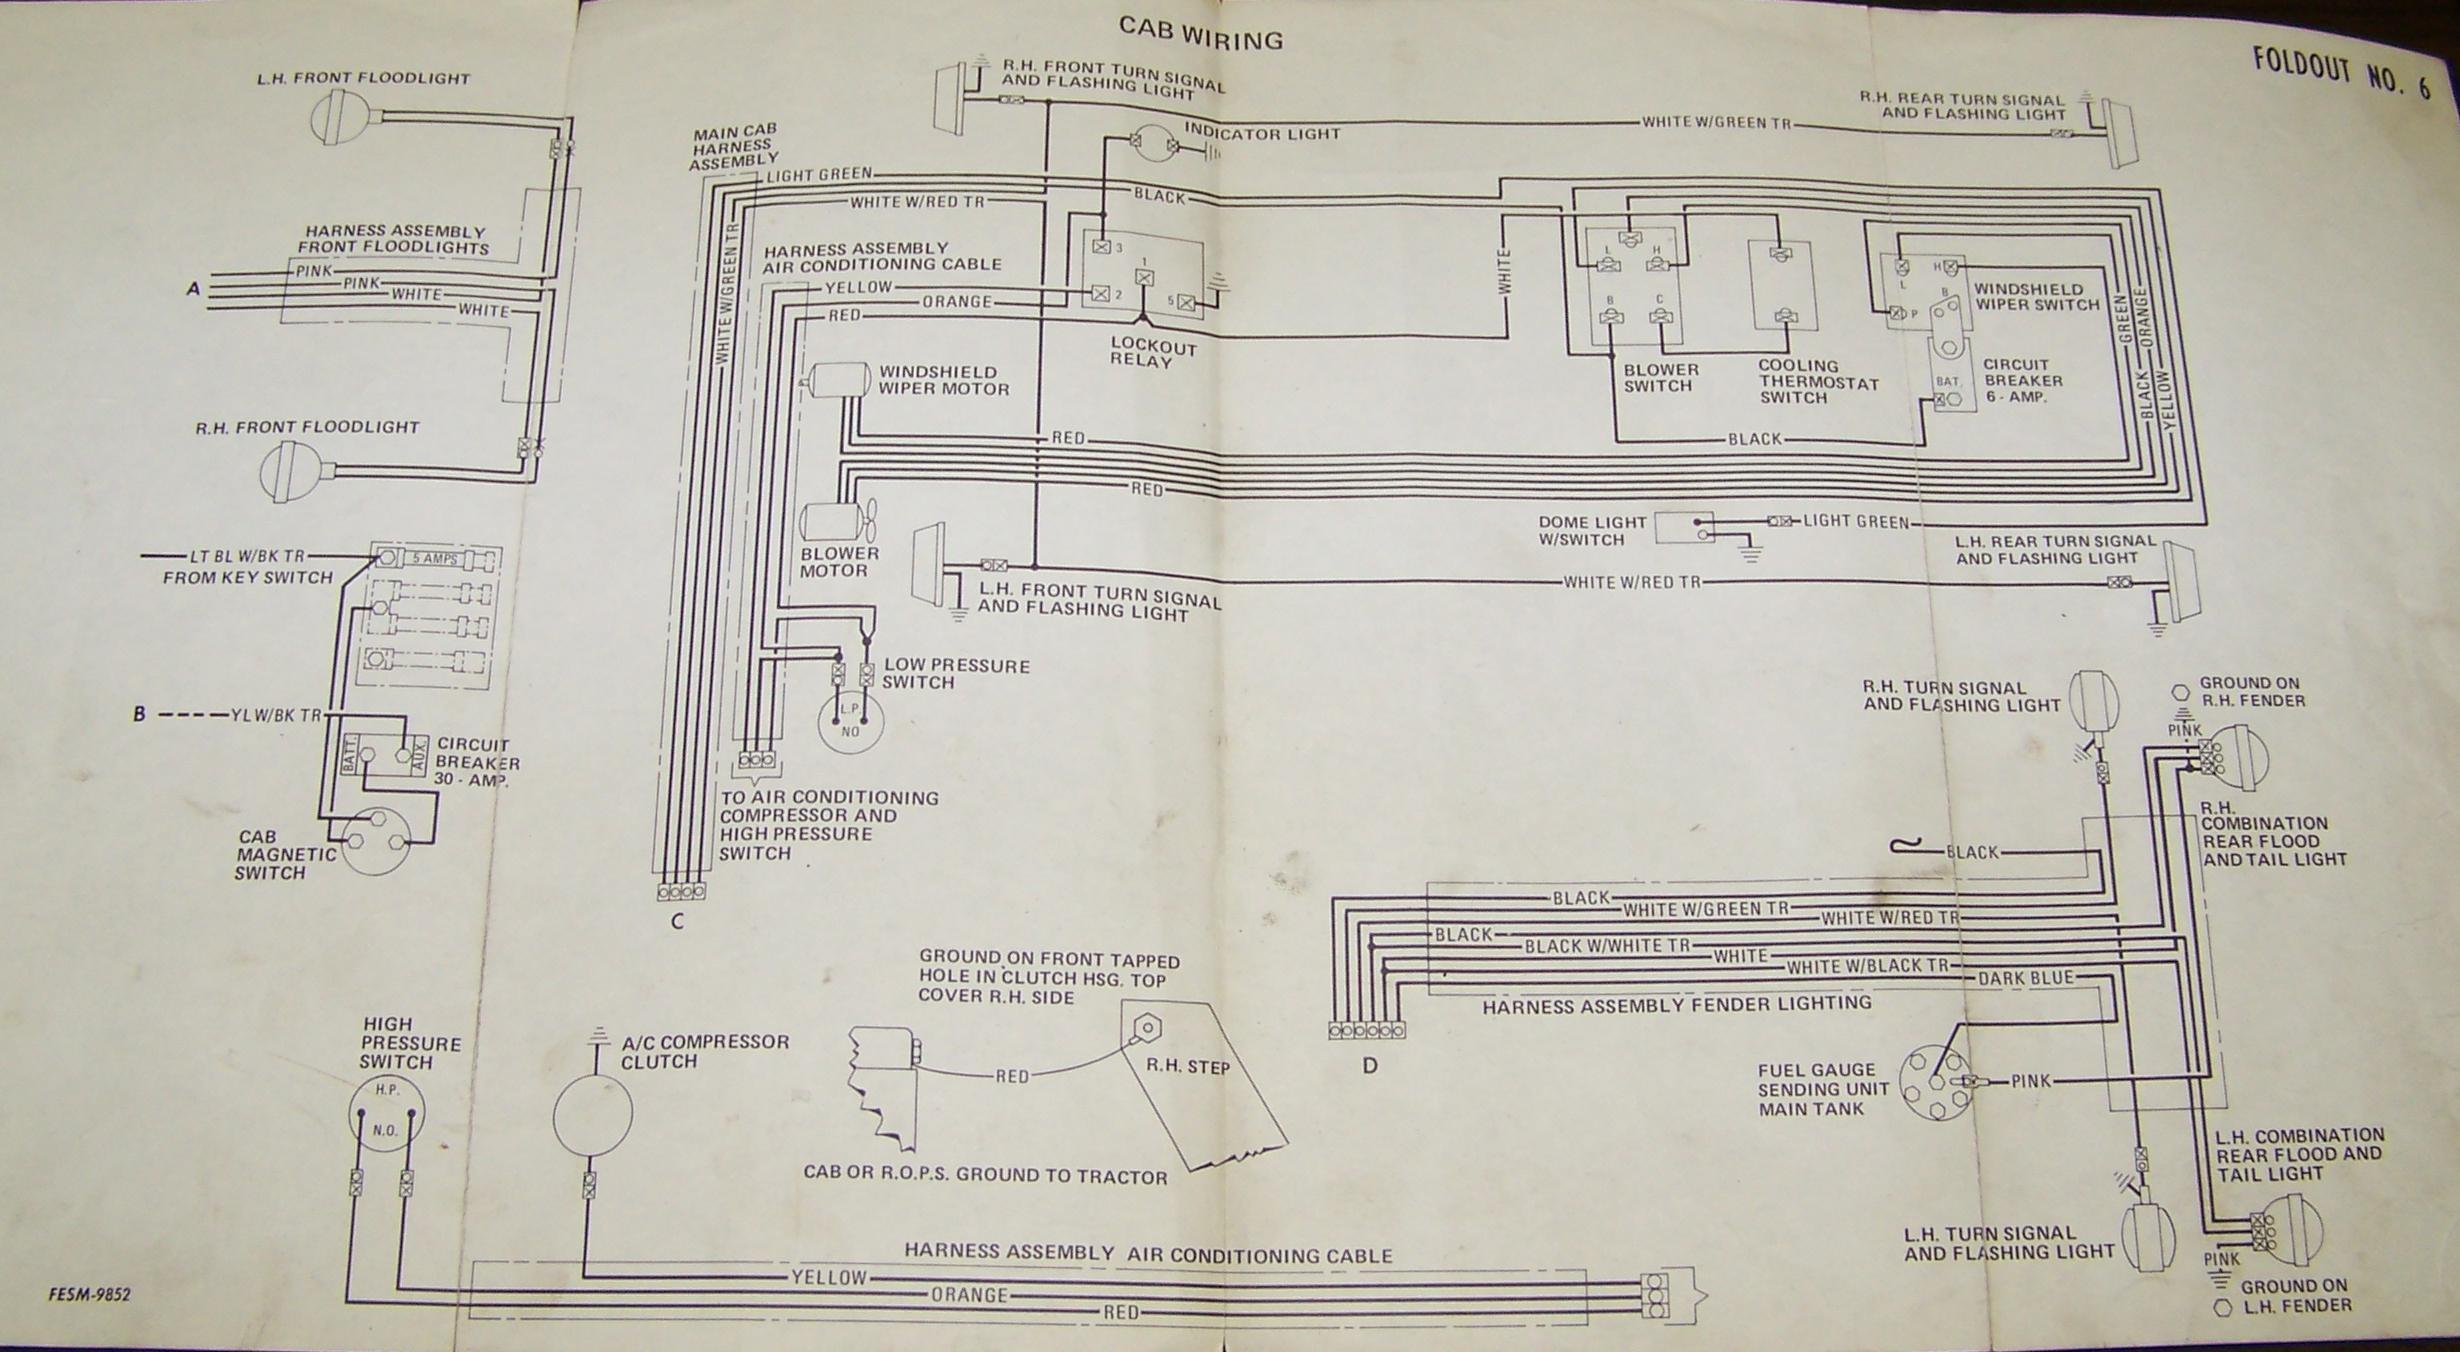 Case Ih Parts Diagram Case Tractor Wiring Diagram Another Blog About Wiring Diagram • Of Case Ih Parts Diagram